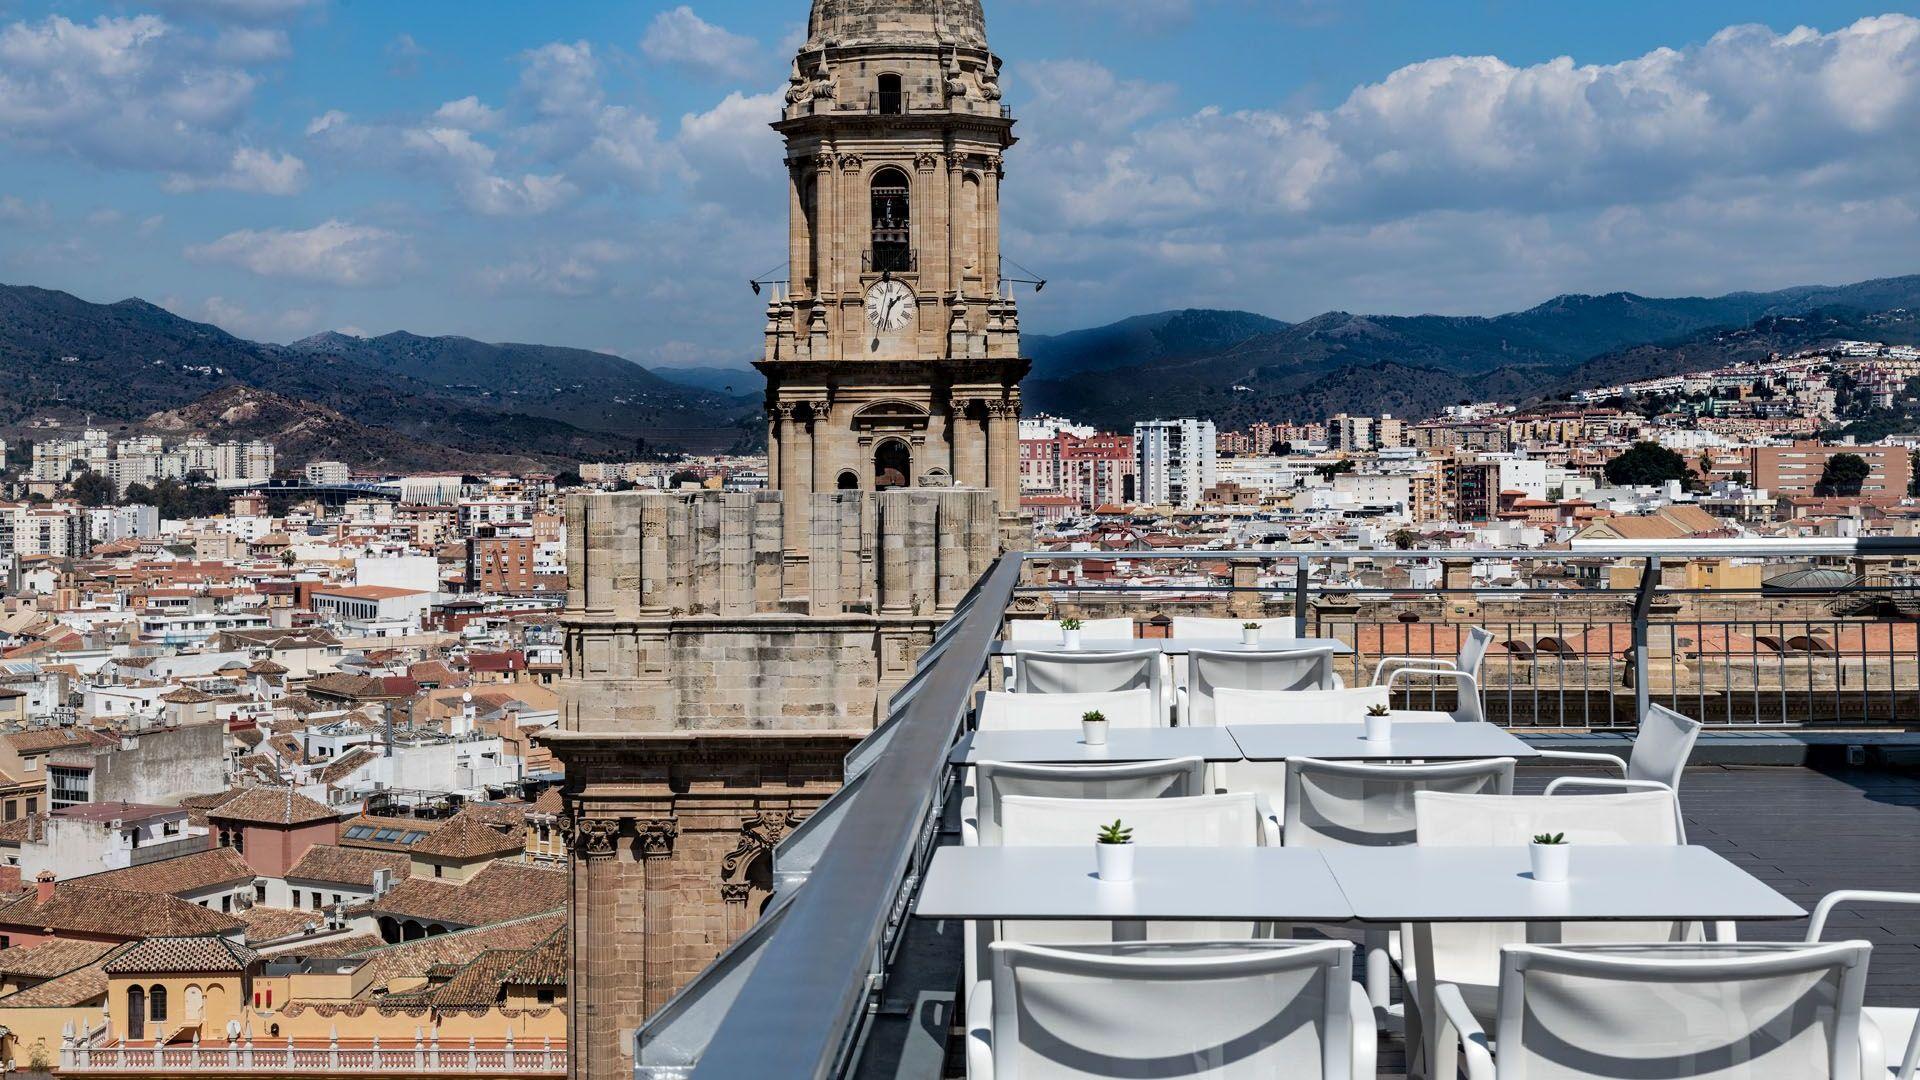 Rooftop Ac Hotel Málaga Palacio In Málaga Menu Openingstijden Prijzen Adres Van Restaurant En Reserveren Thefork Voorheen Iens